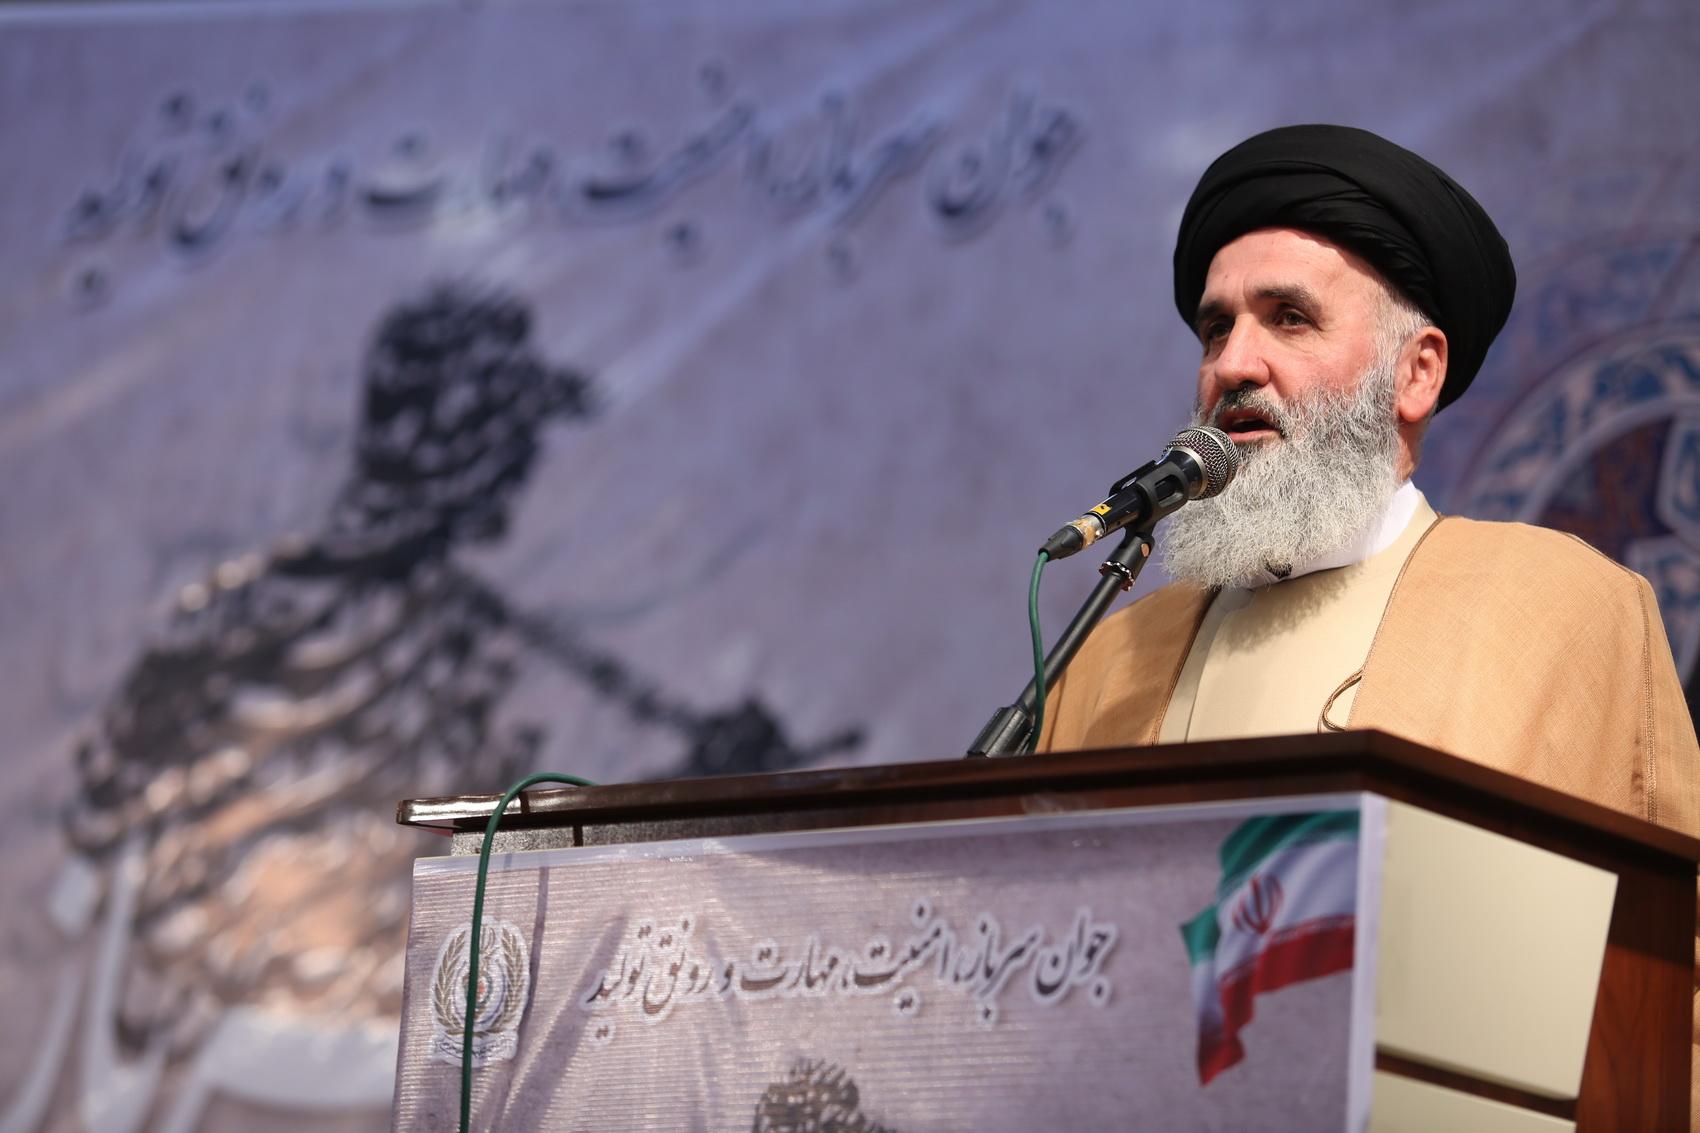 هر کس به عظمت، شوکت و عزت ایران اسلامی علاقهمند است، باید در انتخابات شرکت کند